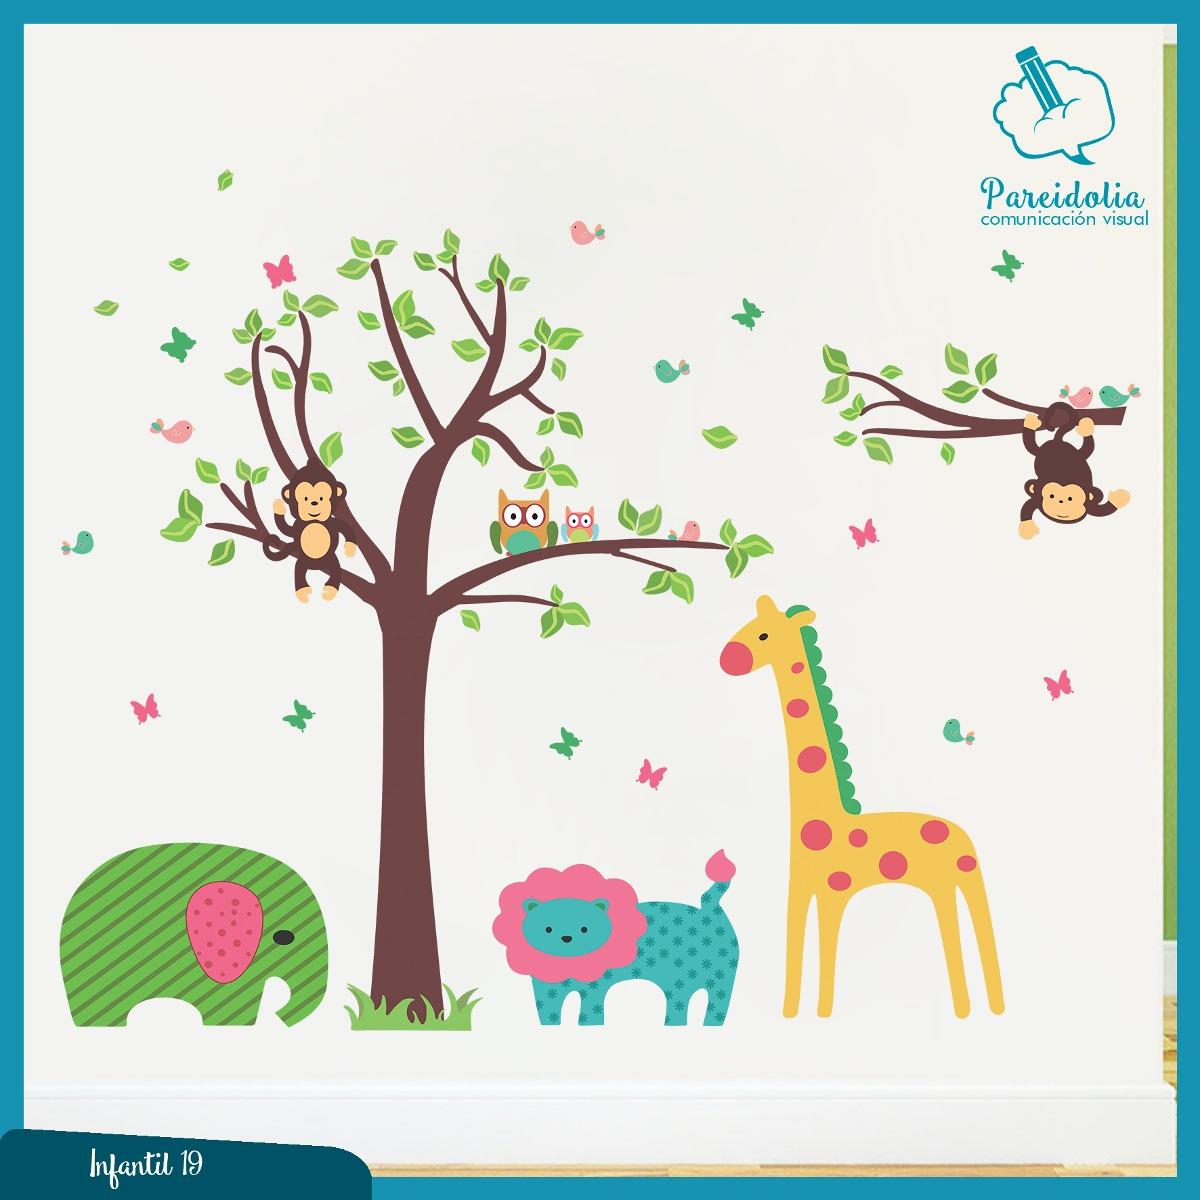 Vinilos decorativos adhesivos infantiles bebes for Vinilos decorativos infantiles